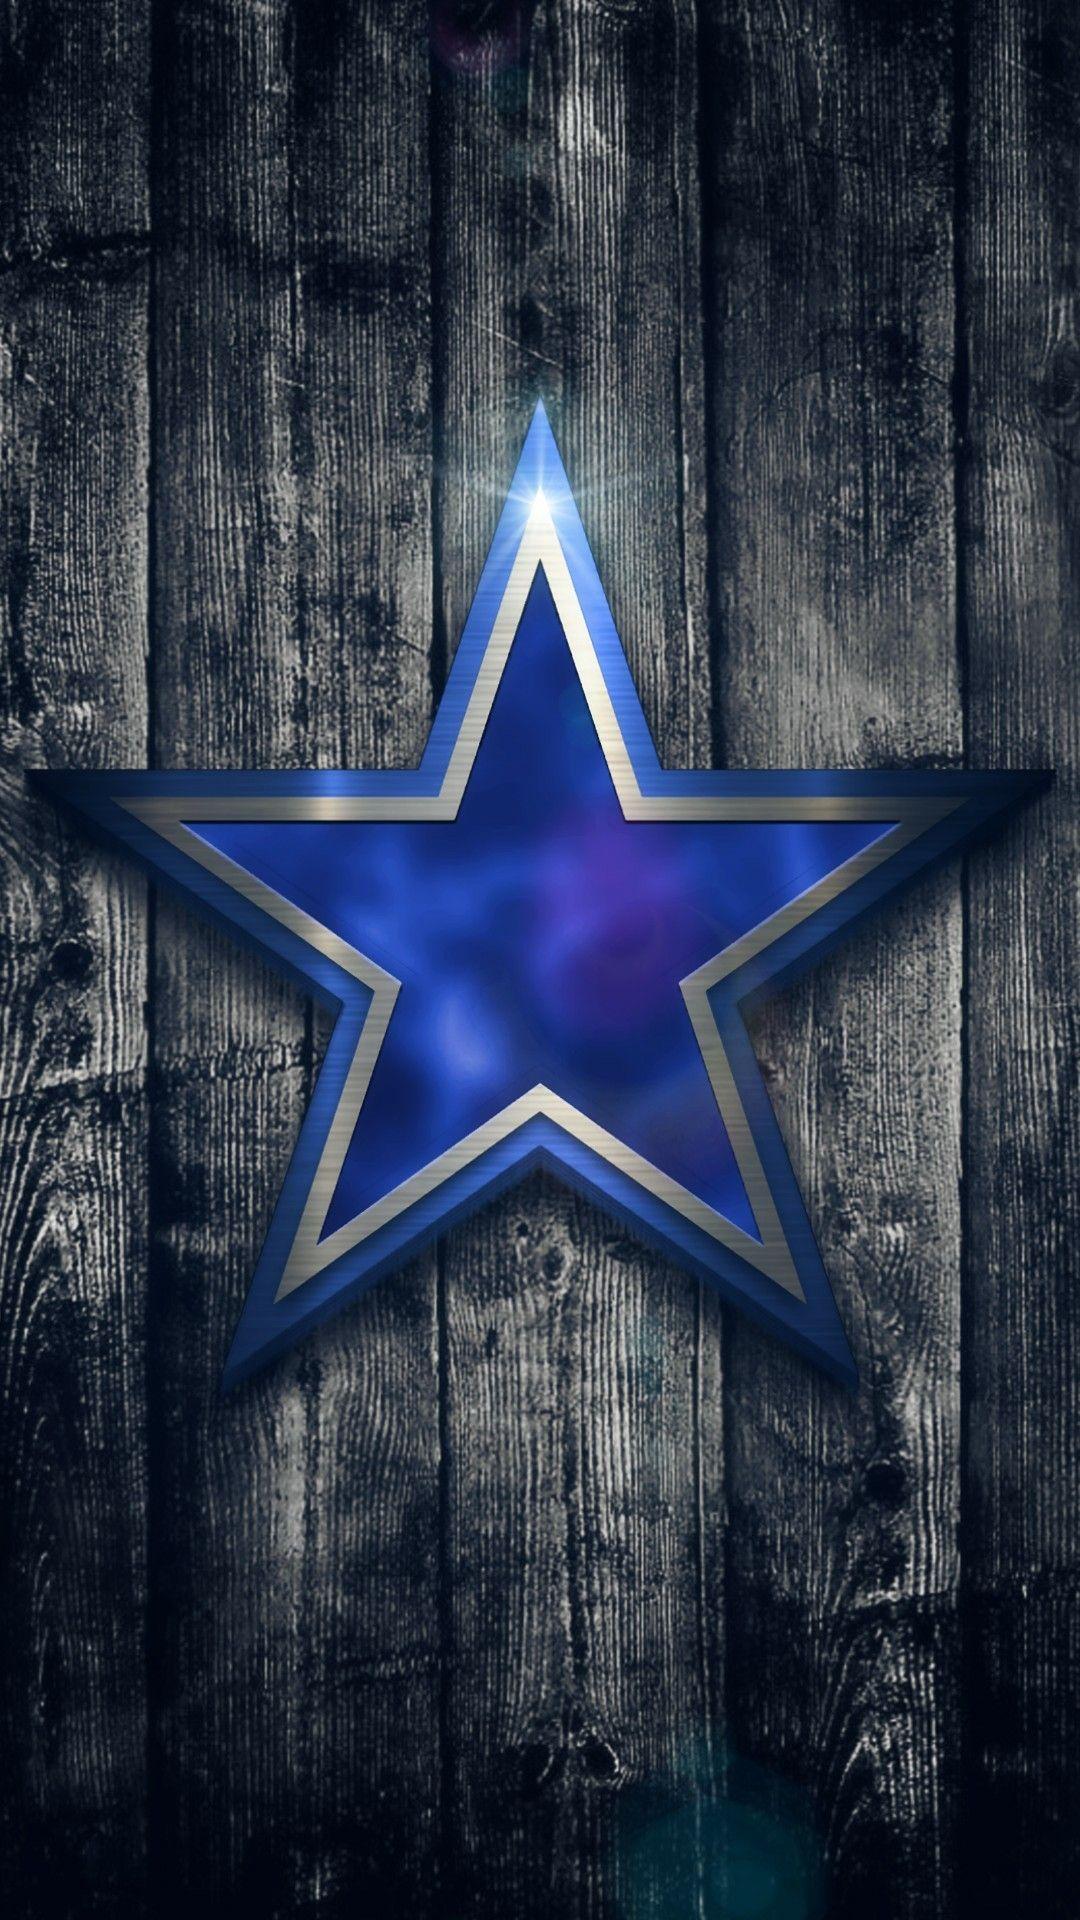 Dallas Cowboys Logo Wallpaper Dallas Cowboys Wallpaper Dallas Cowboys Logo Dallas Cowboys Decor